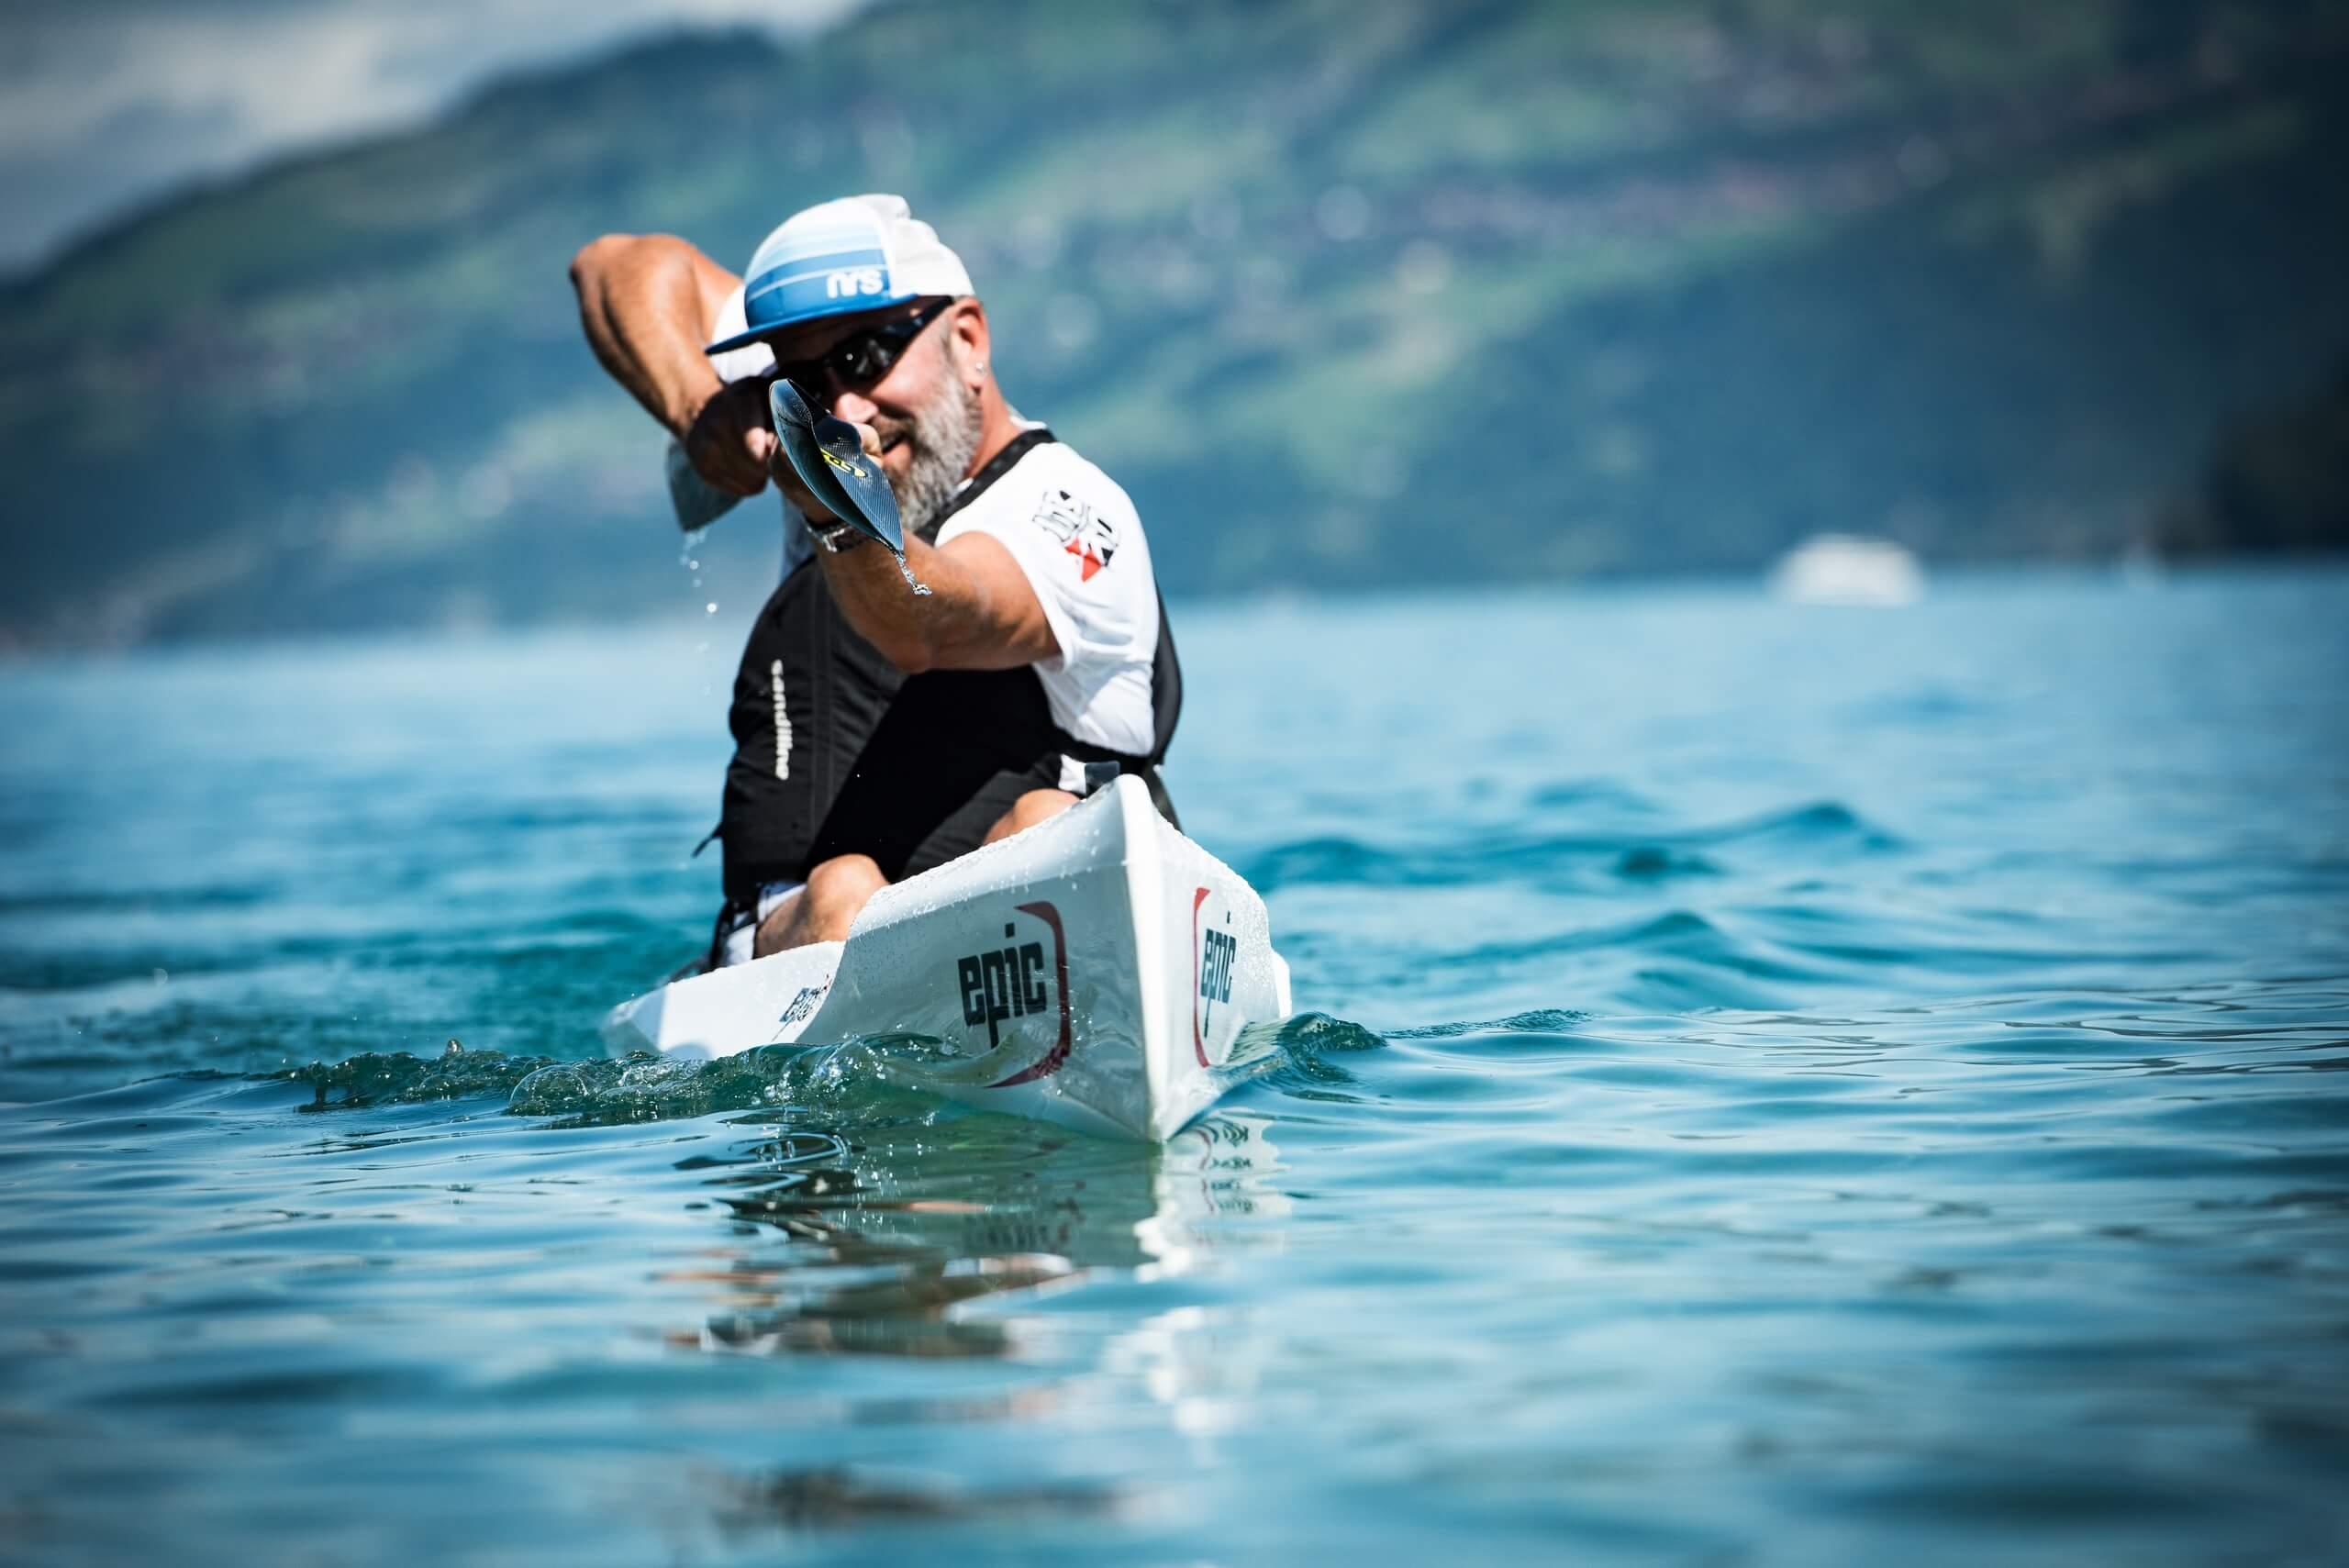 surfskipoint-thunersee-sommer-wasser-sport